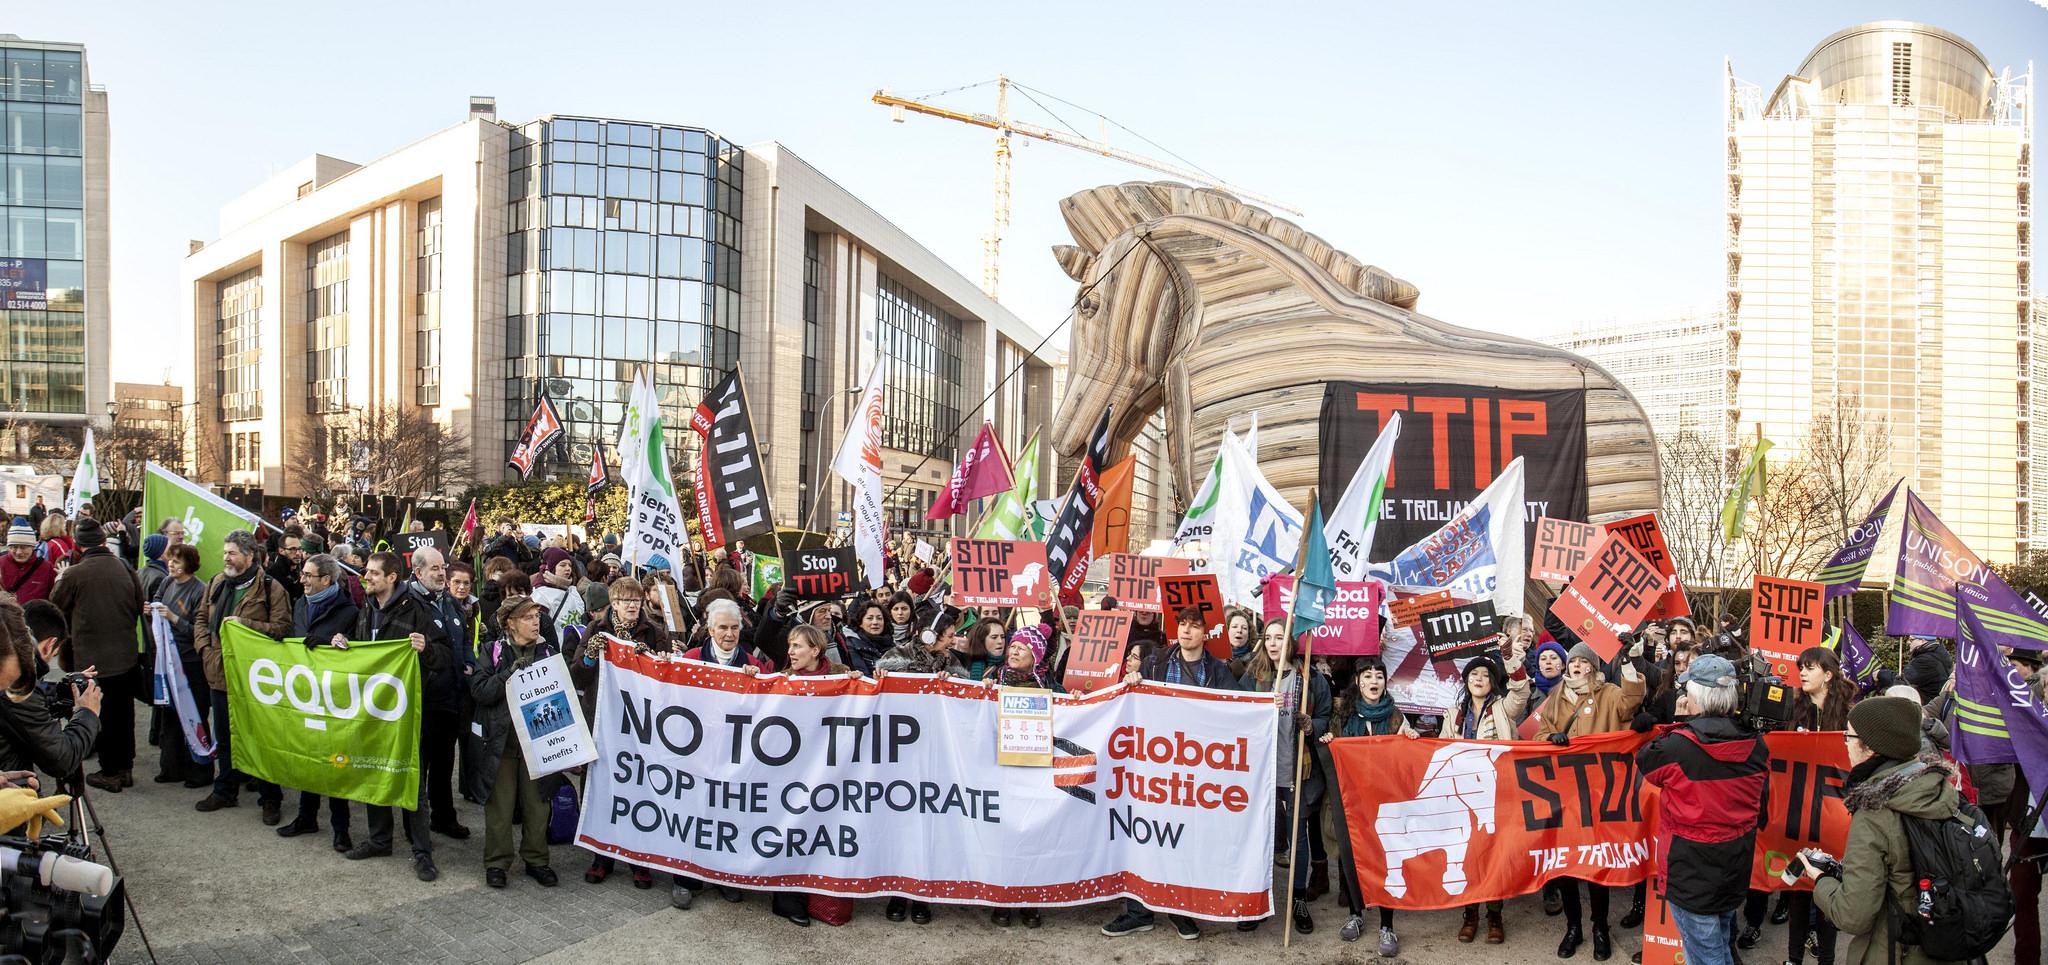 (S)Top TTIP!